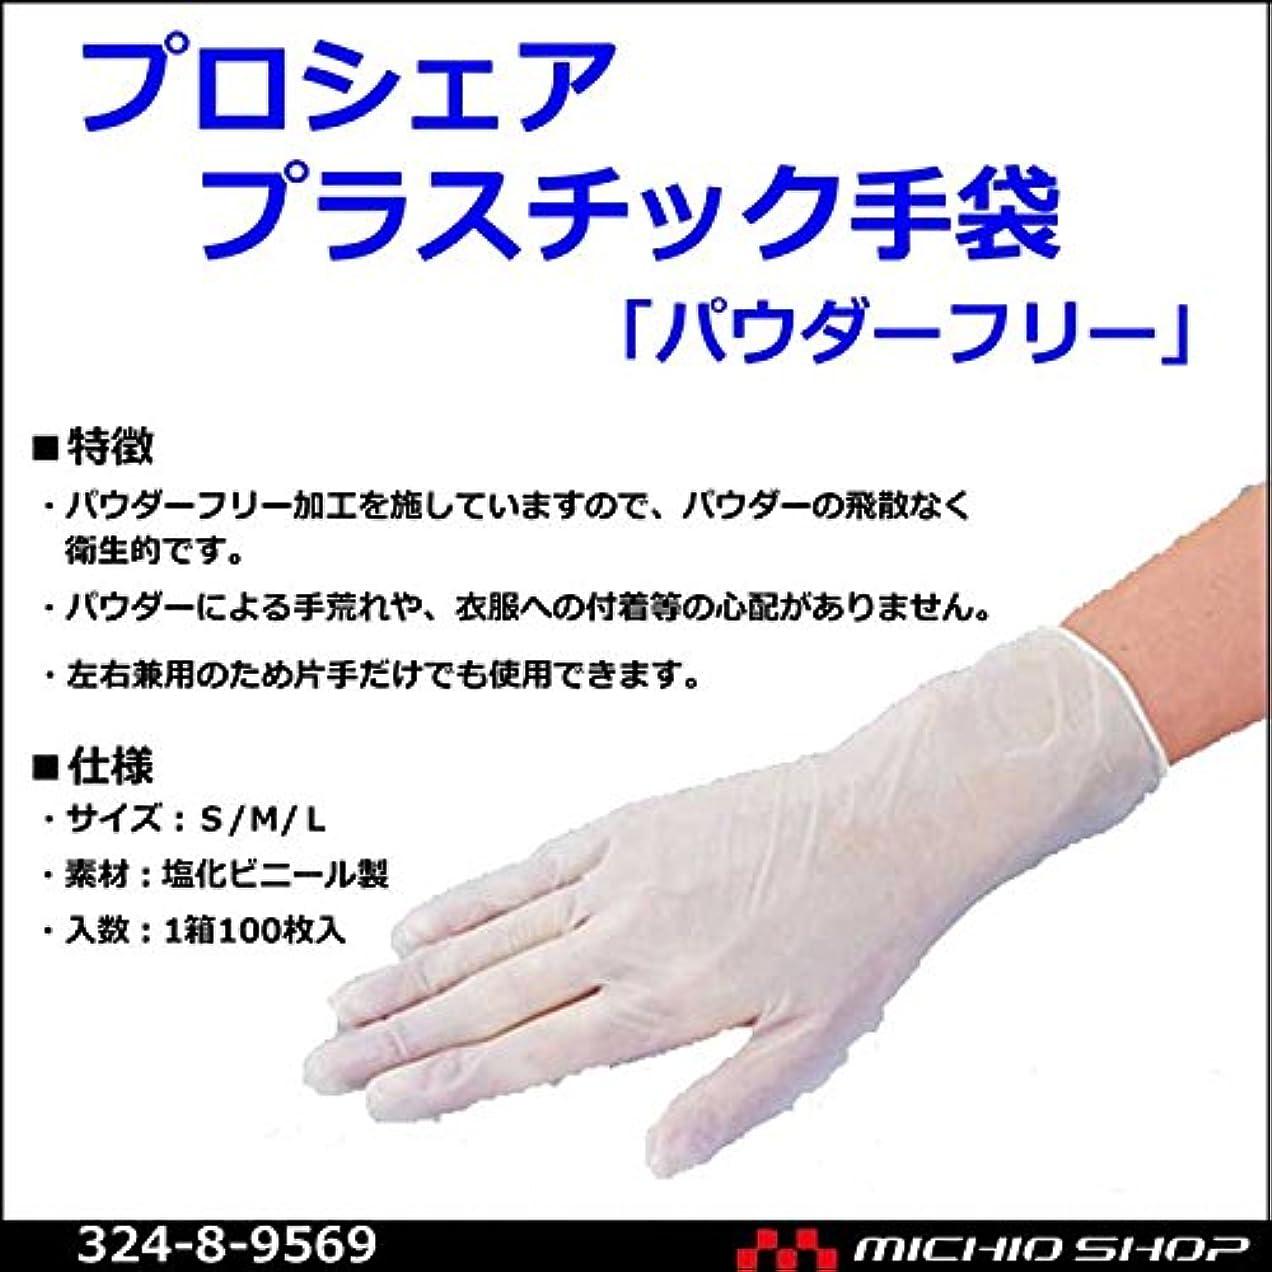 ピア花火剣アズワン プロシェアプラスチック手袋 100枚入 8-9569 04 SS